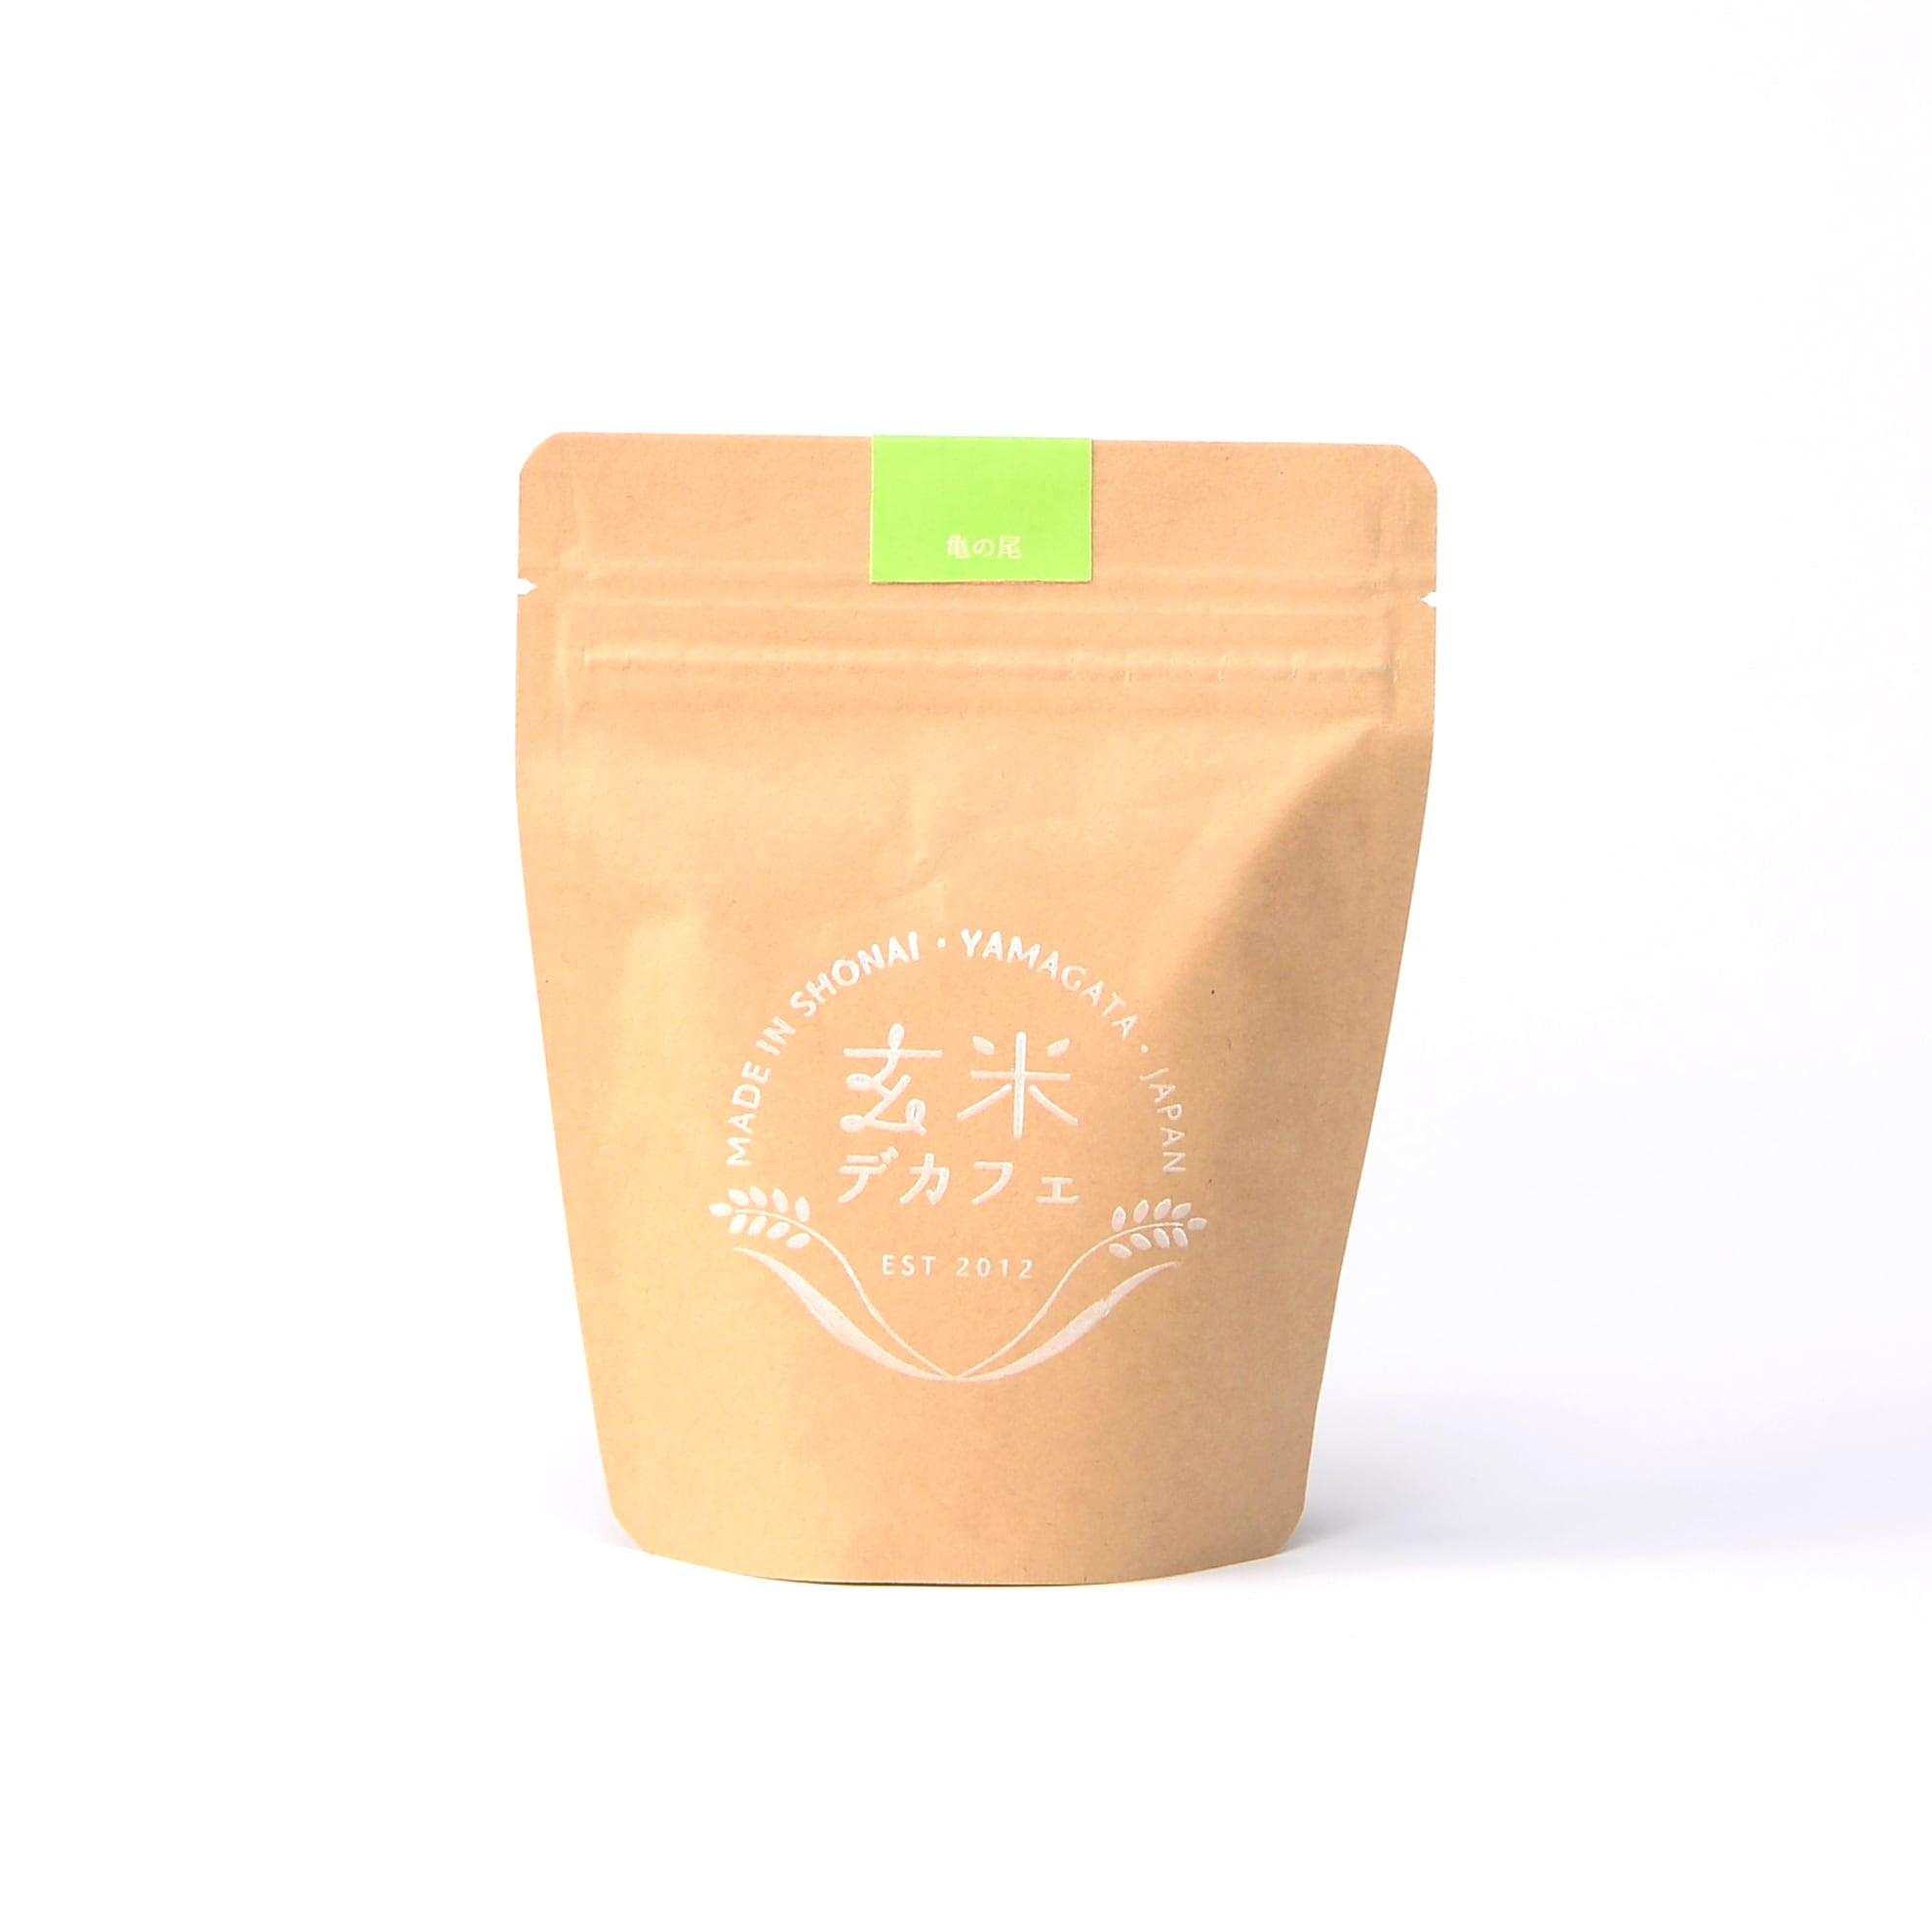 玄米デカフェ・亀の尾 100g 粉タイプ